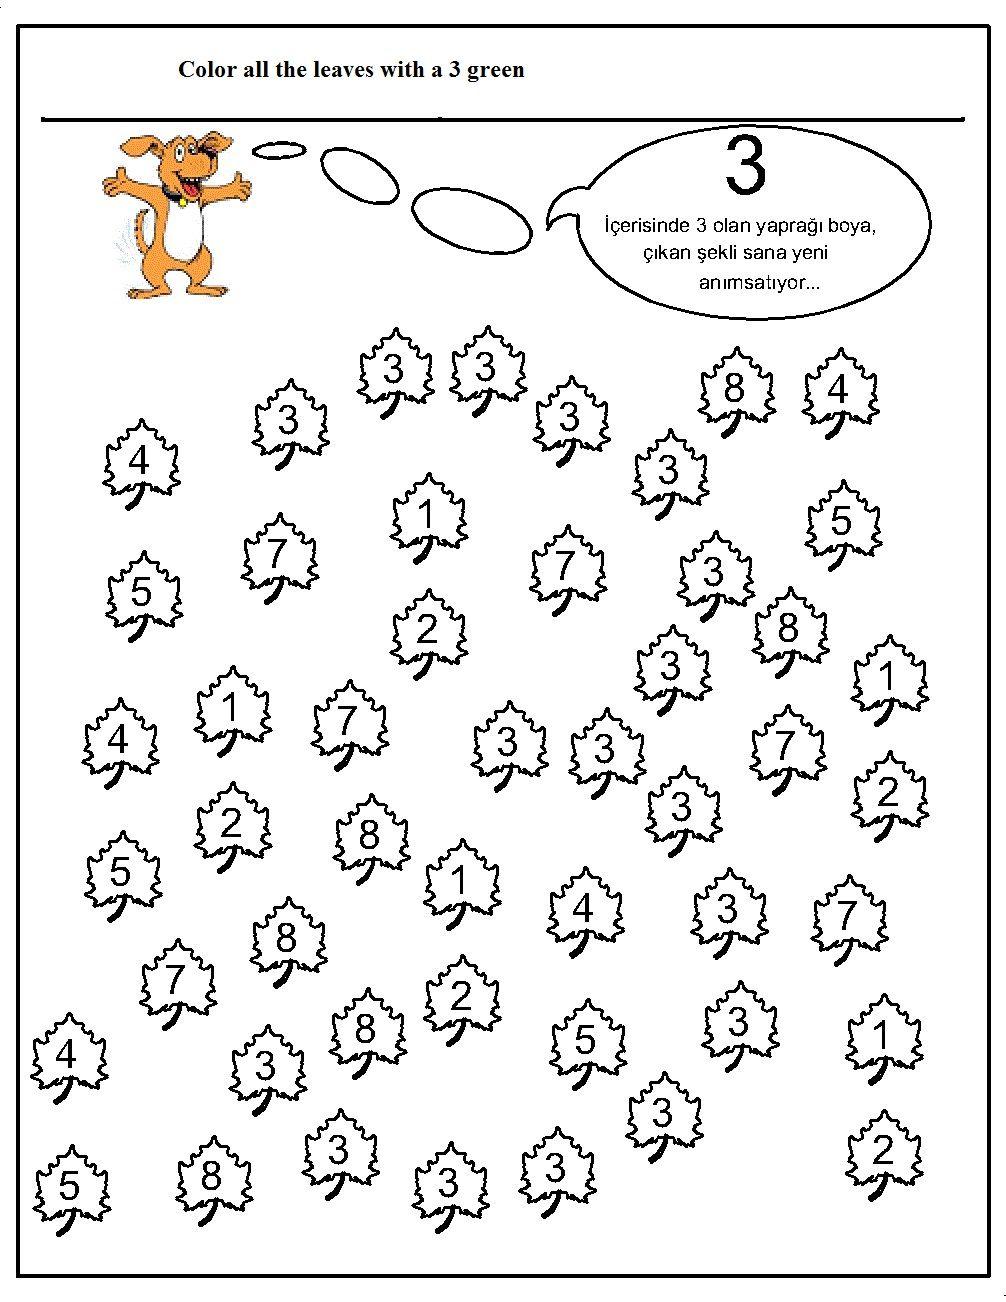 Worksheets Worksheet For Kids number hunt worksheet for kids 11 crafts and worksheets preschooltoddler